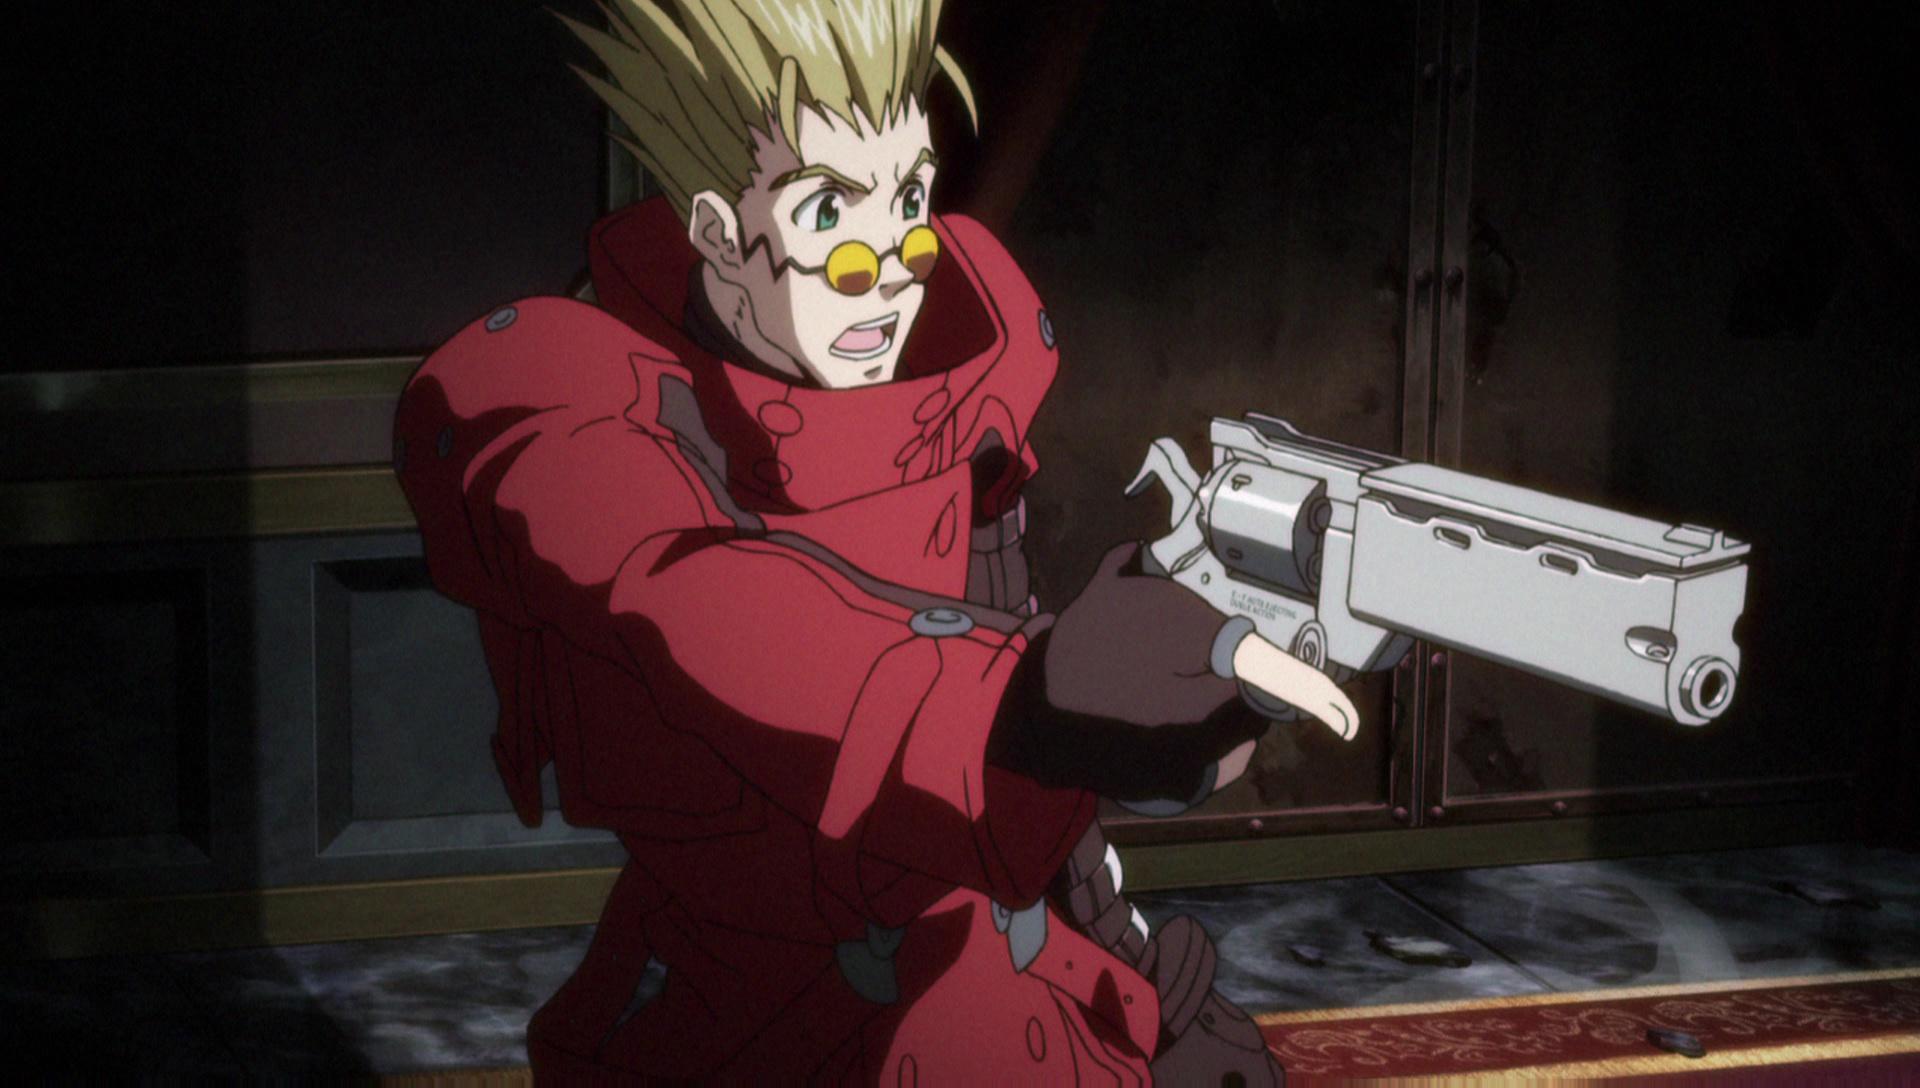 Watch Trigun Season 2 Sub Dub Anime Uncut Funimation